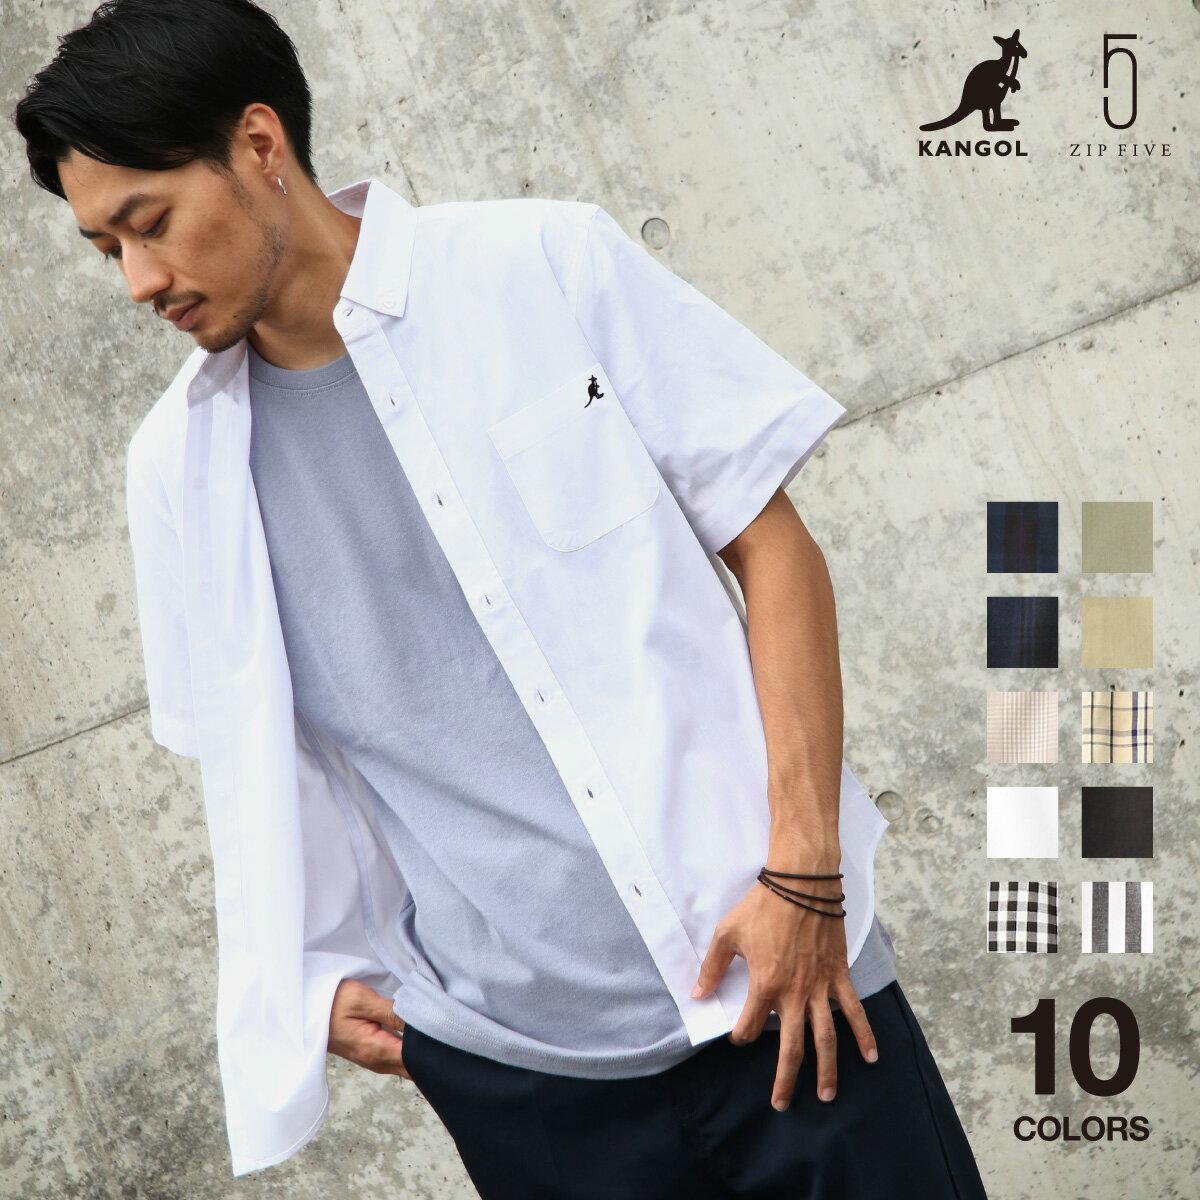 短袖釦領襯衫 KANGOL聯名款 0